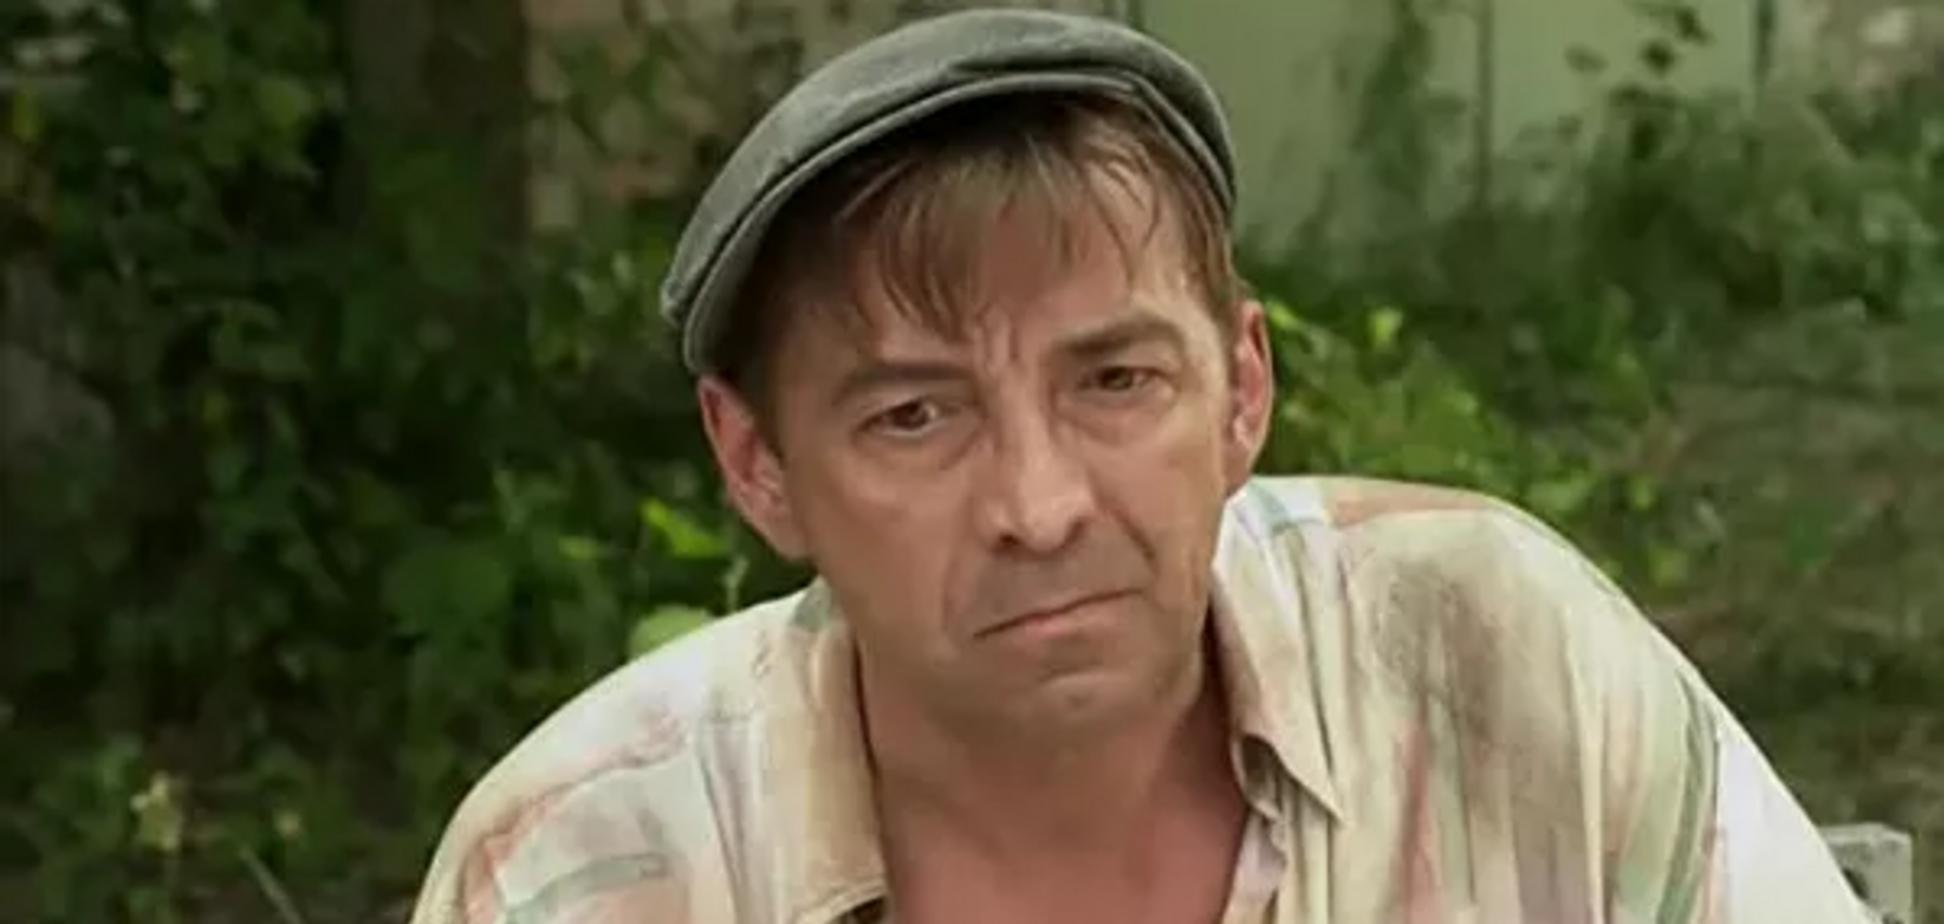 'Це прикро!' Зірка 'Сватів' Добринін поскаржився на проблеми в кар'єрі через серіал